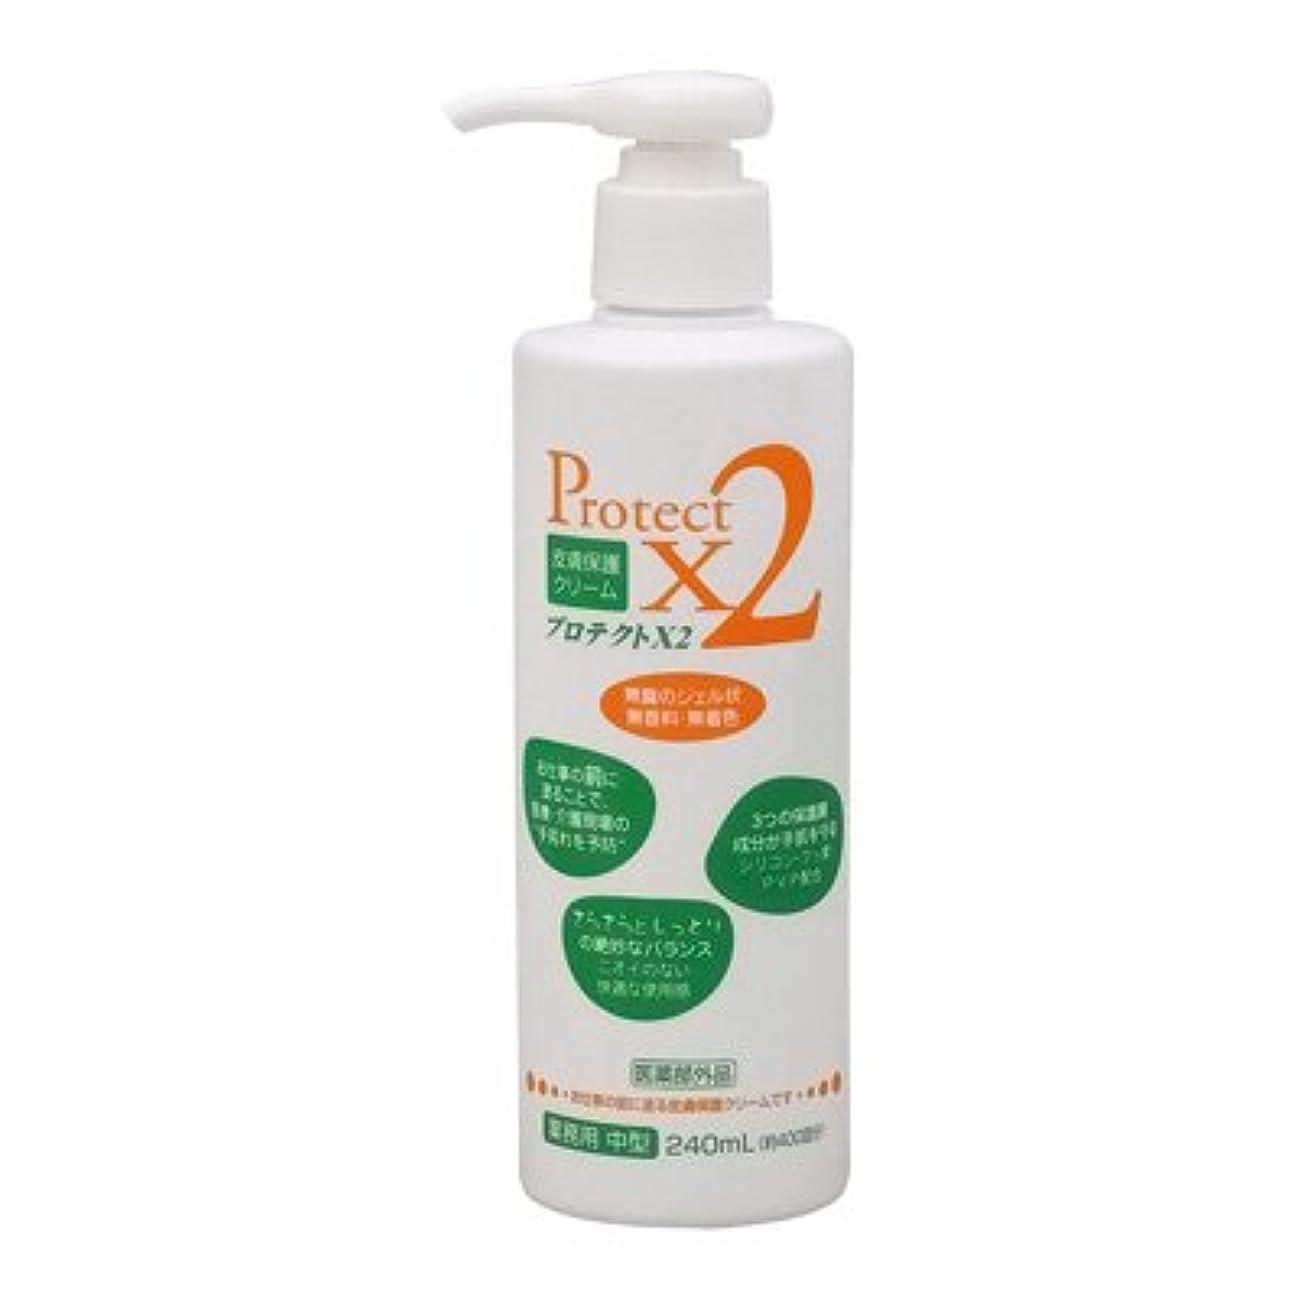 不安ビュッフェスポーツをする皮膚保護クリーム プロテクトX2 240ml(中型)